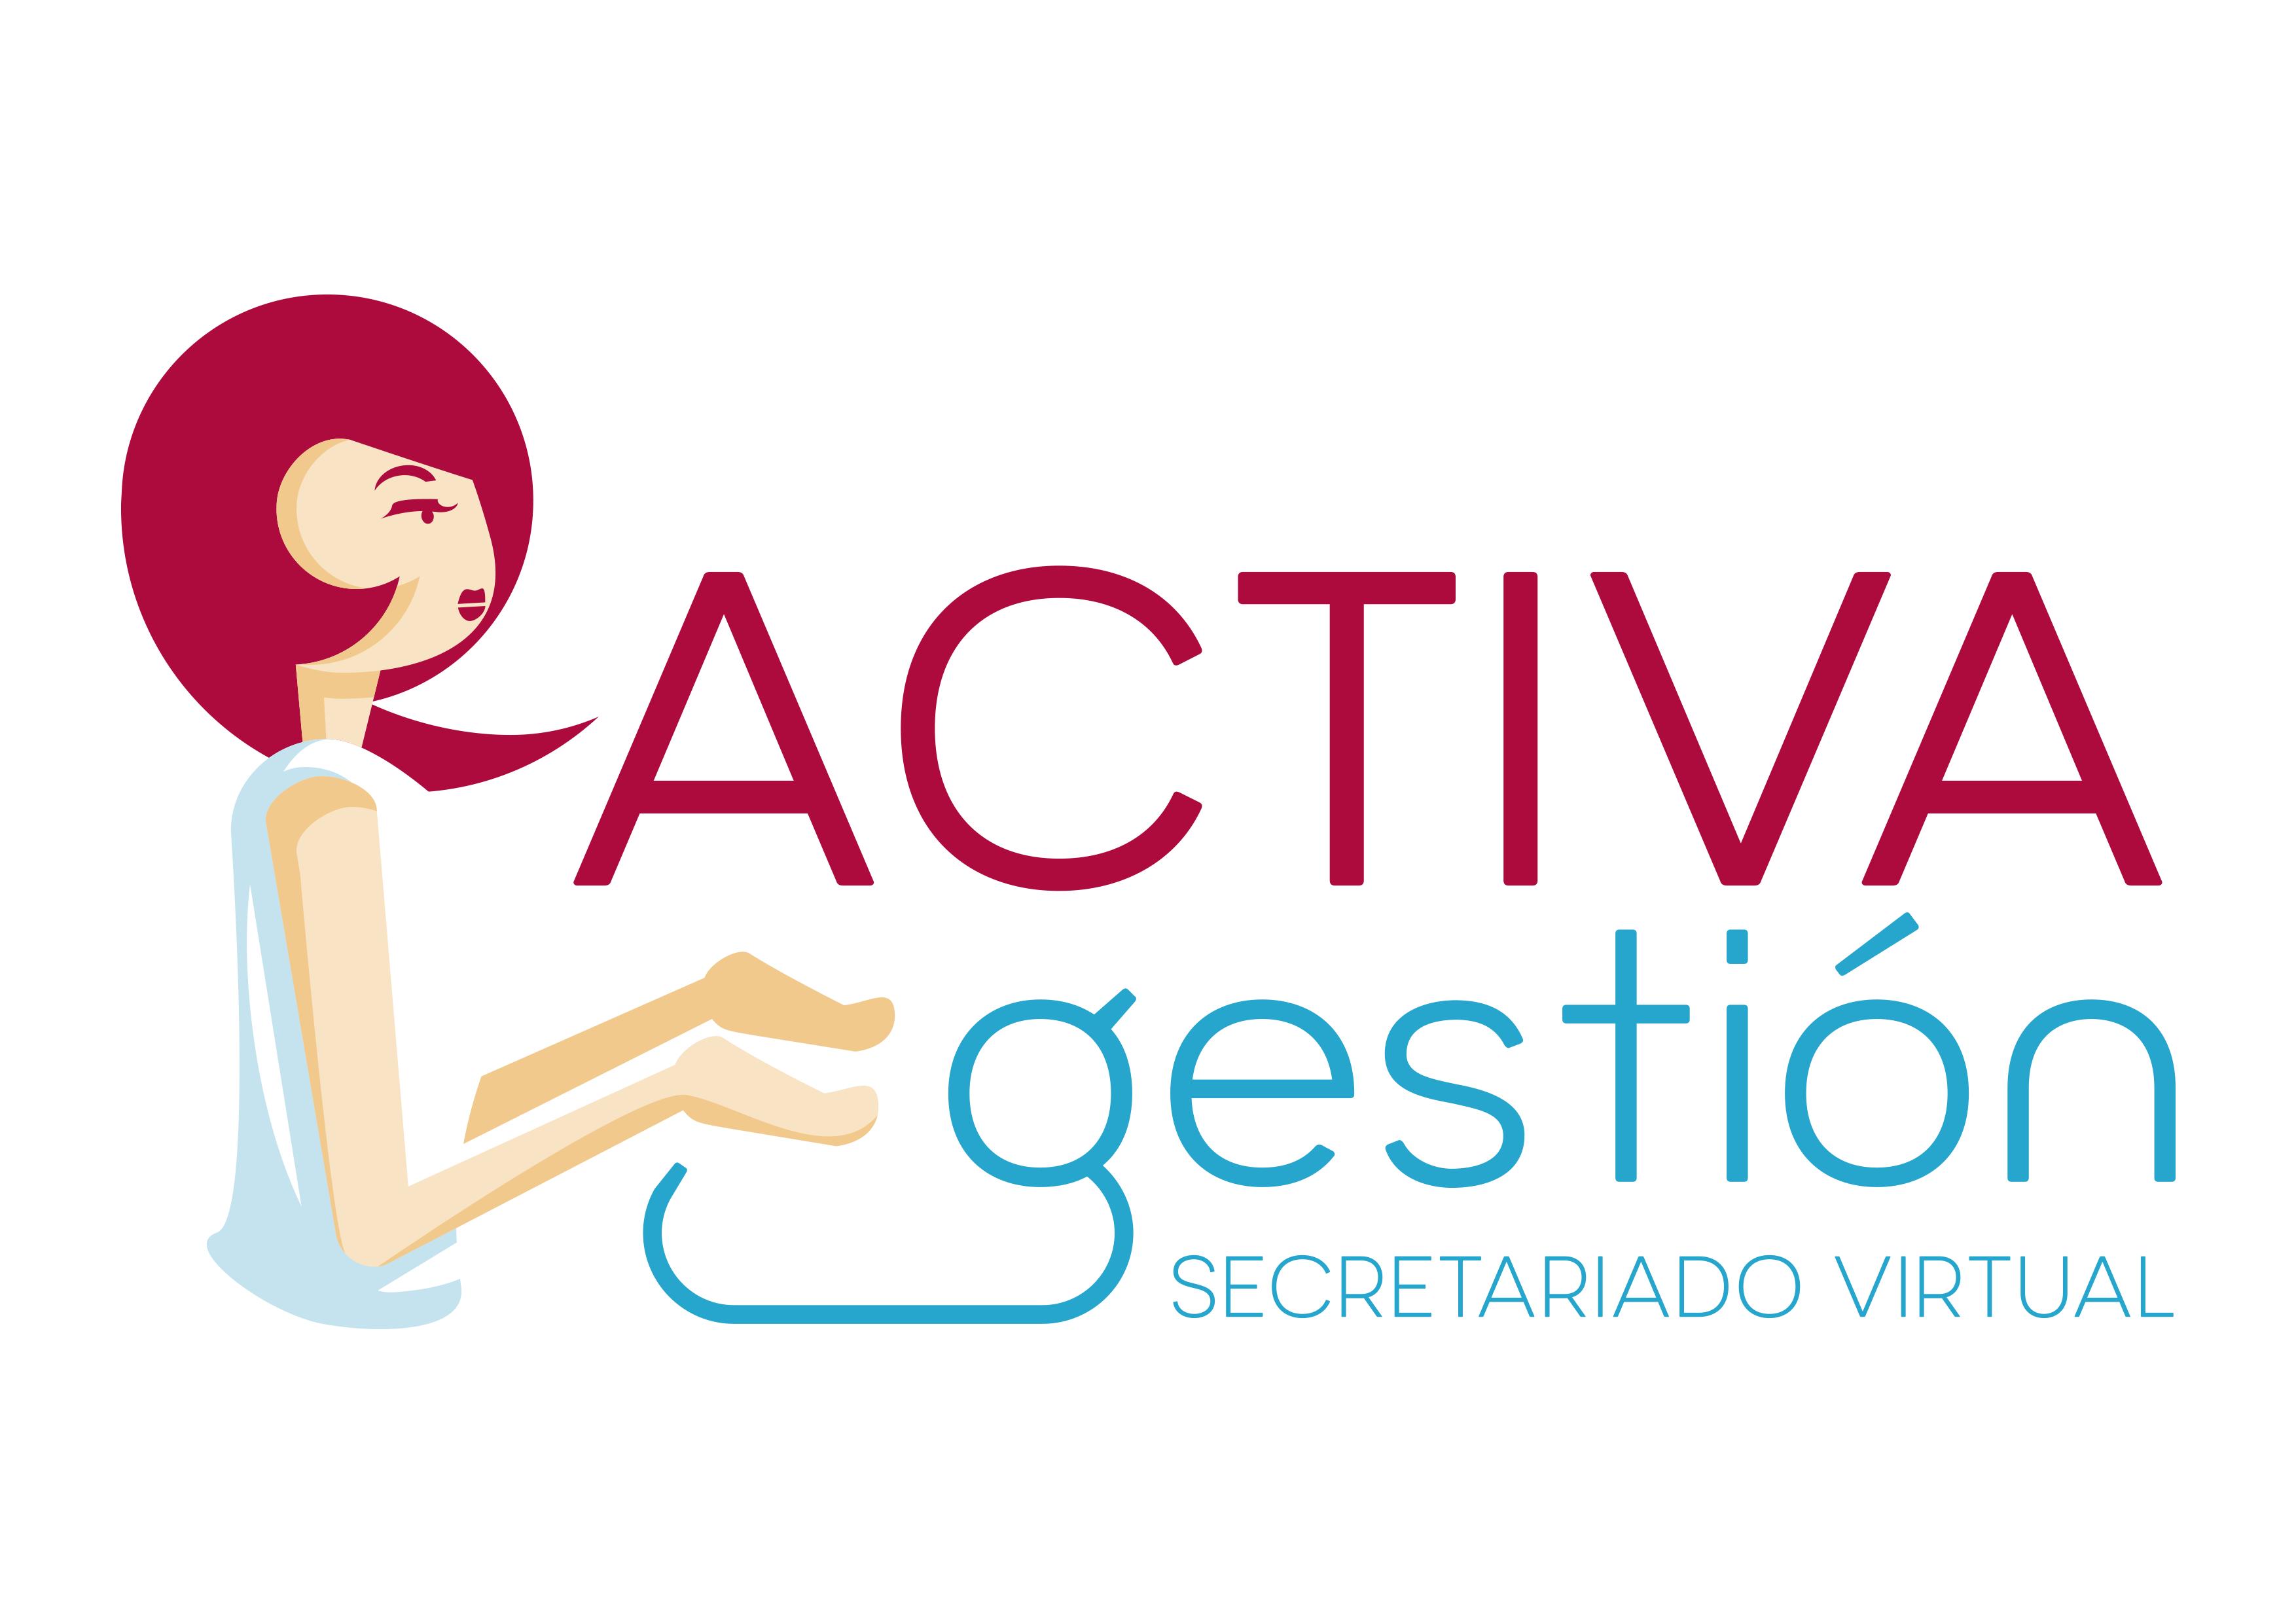 ACTIVA GESTIÓN